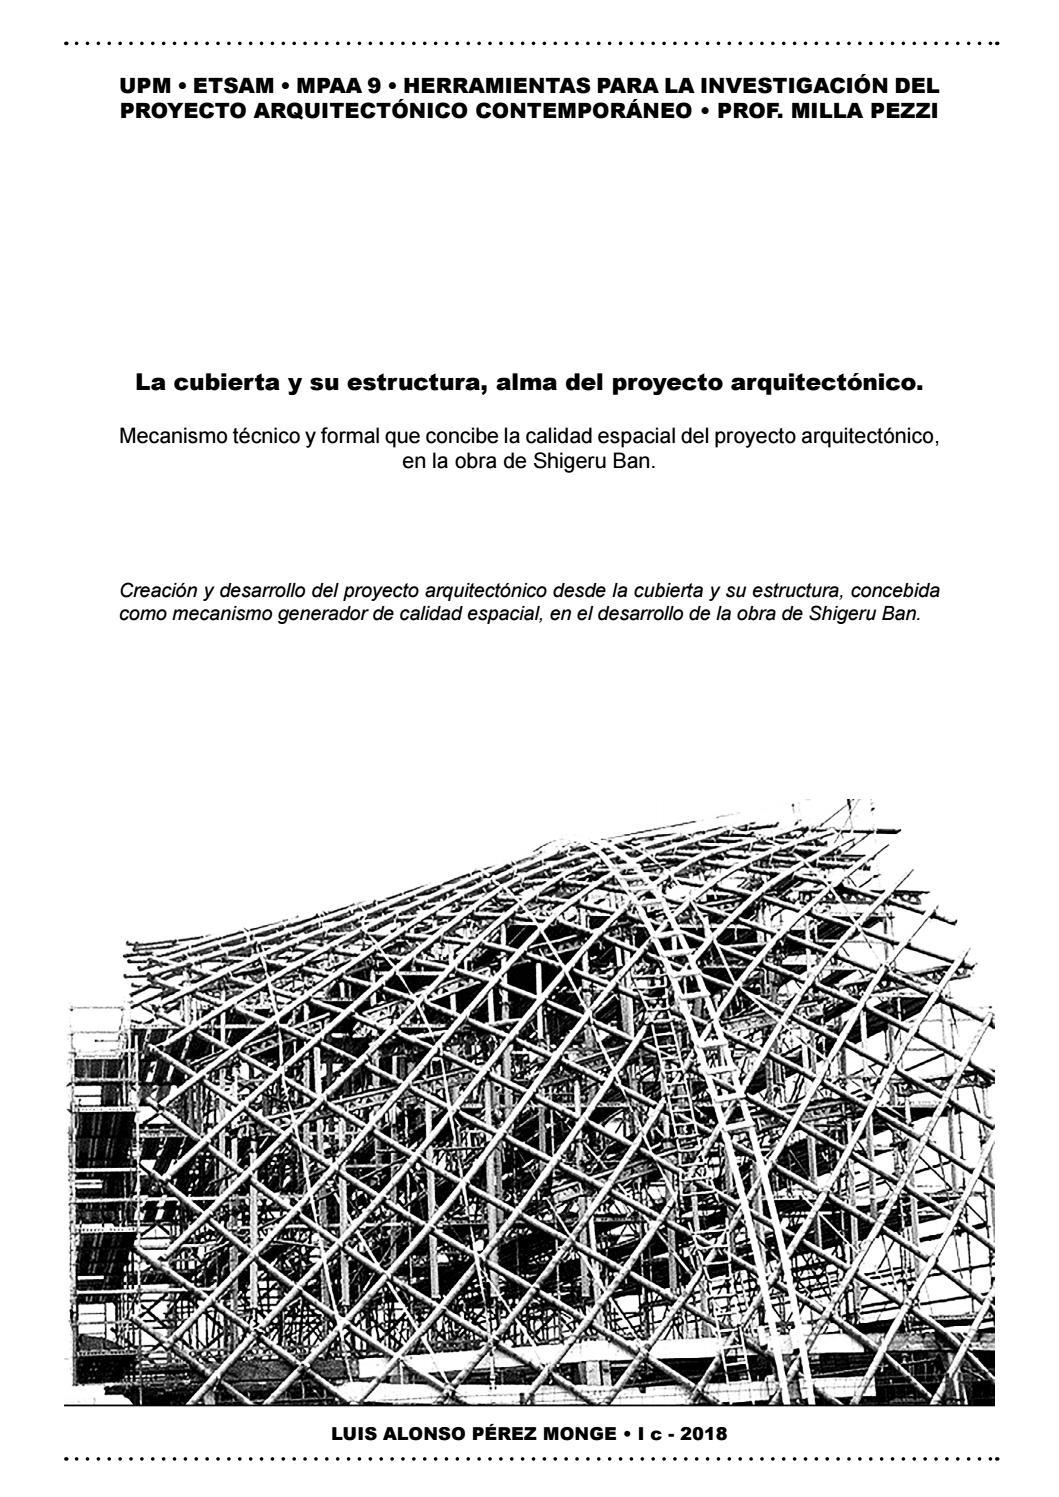 La Cubierta Y Su Estructura Como Alma Del Proyecto